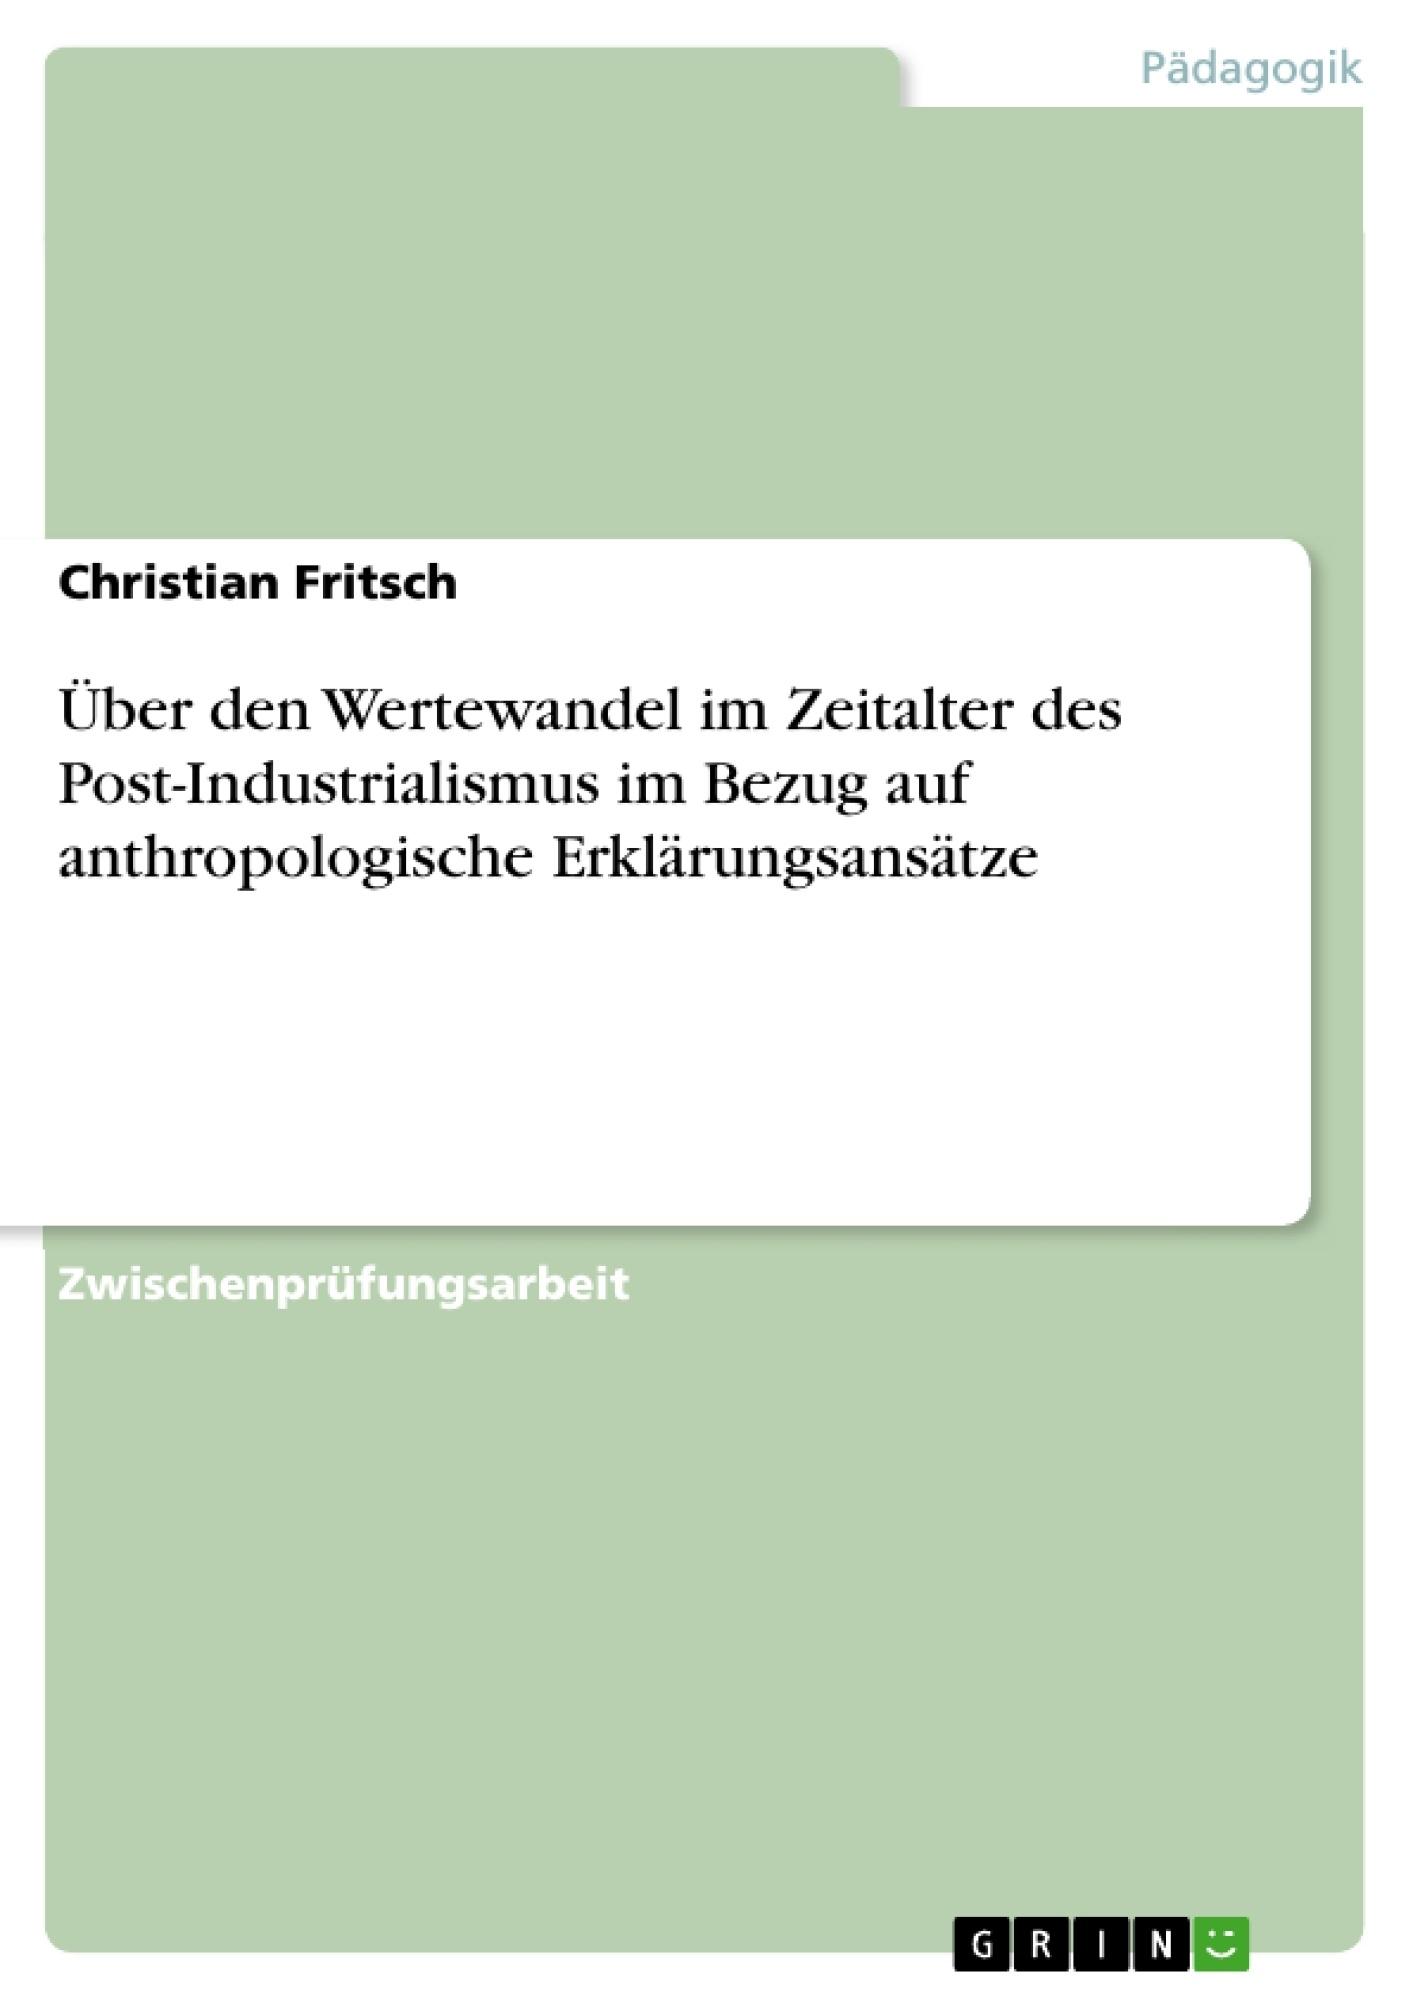 Titel: Über den Wertewandel im Zeitalter des Post-Industrialismus im Bezug auf anthropologische Erklärungsansätze